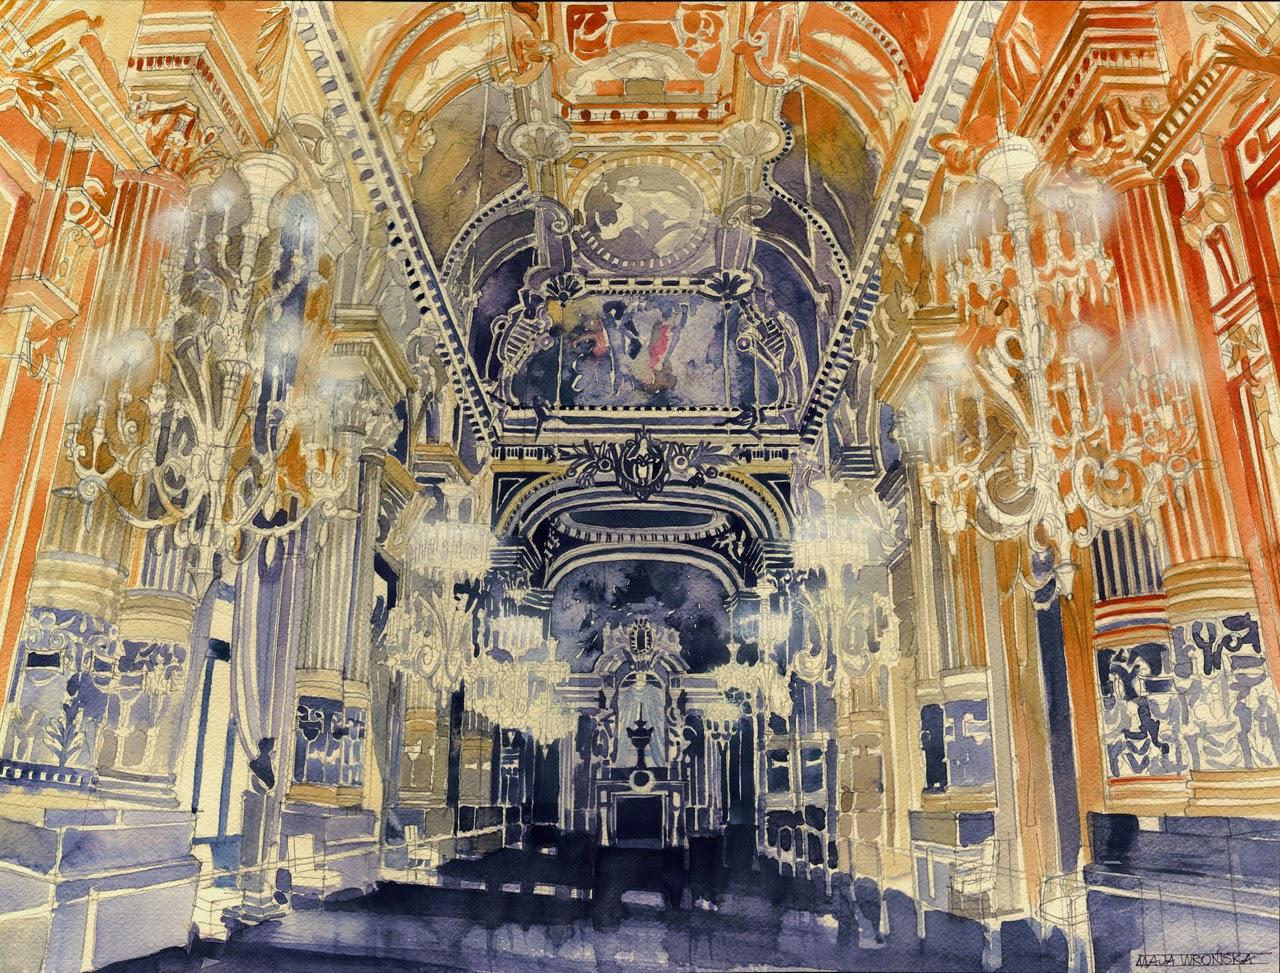 17-Opera-de-Paris-Maja-Wronska-Travels-Architecture-Paintings-www-designstack-co